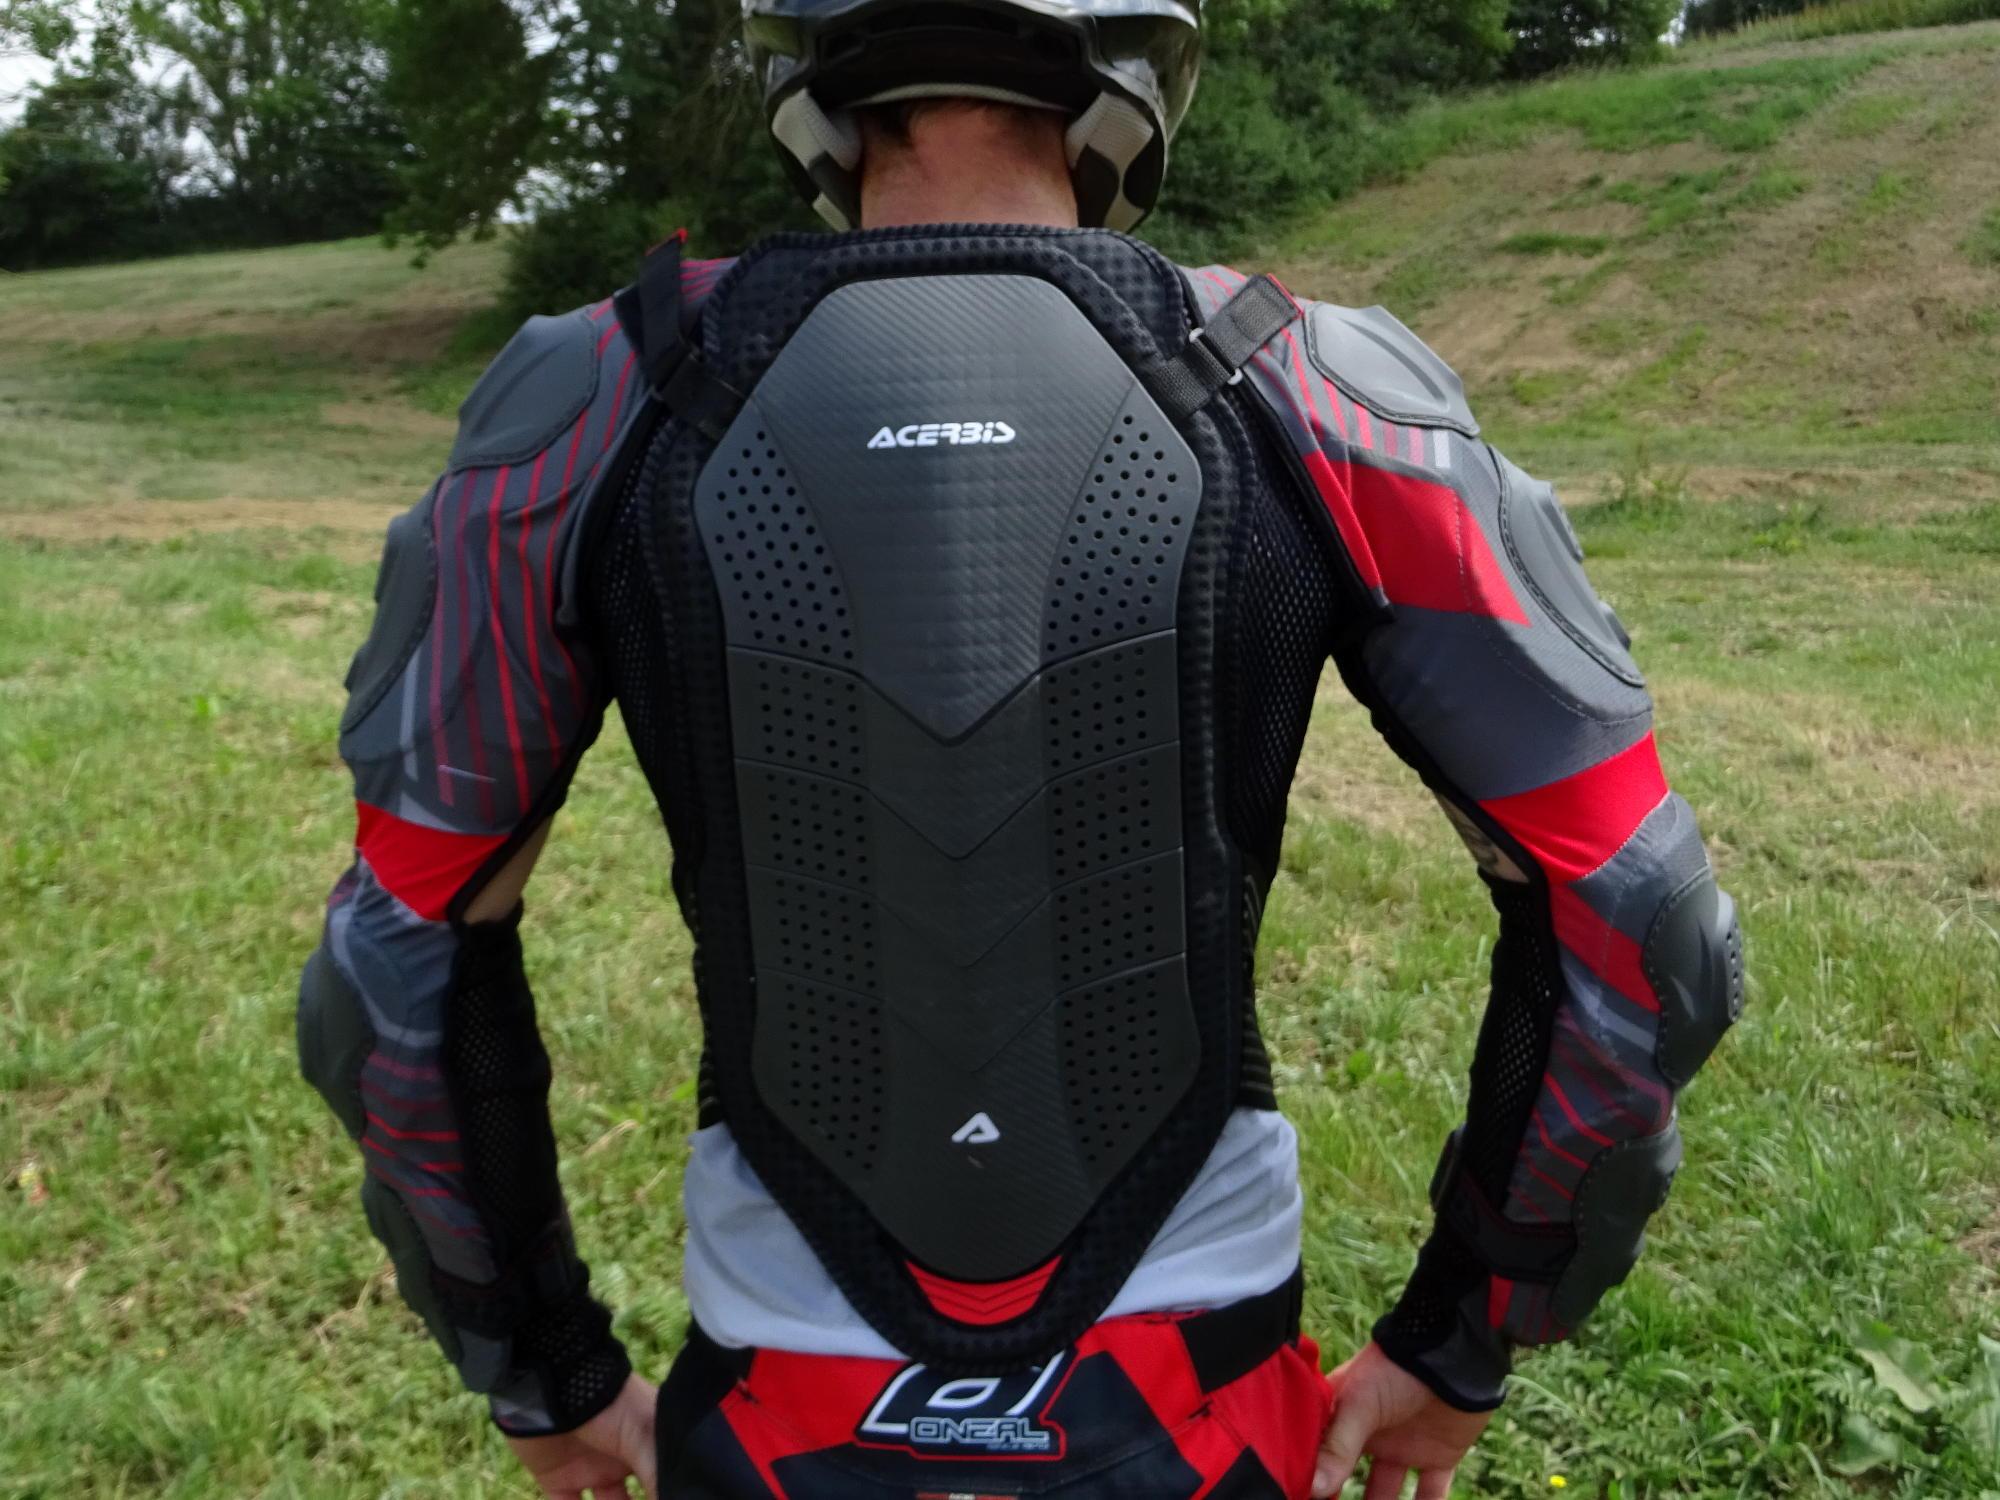 El protector de espalda es conforme con la norma EN 1621.2